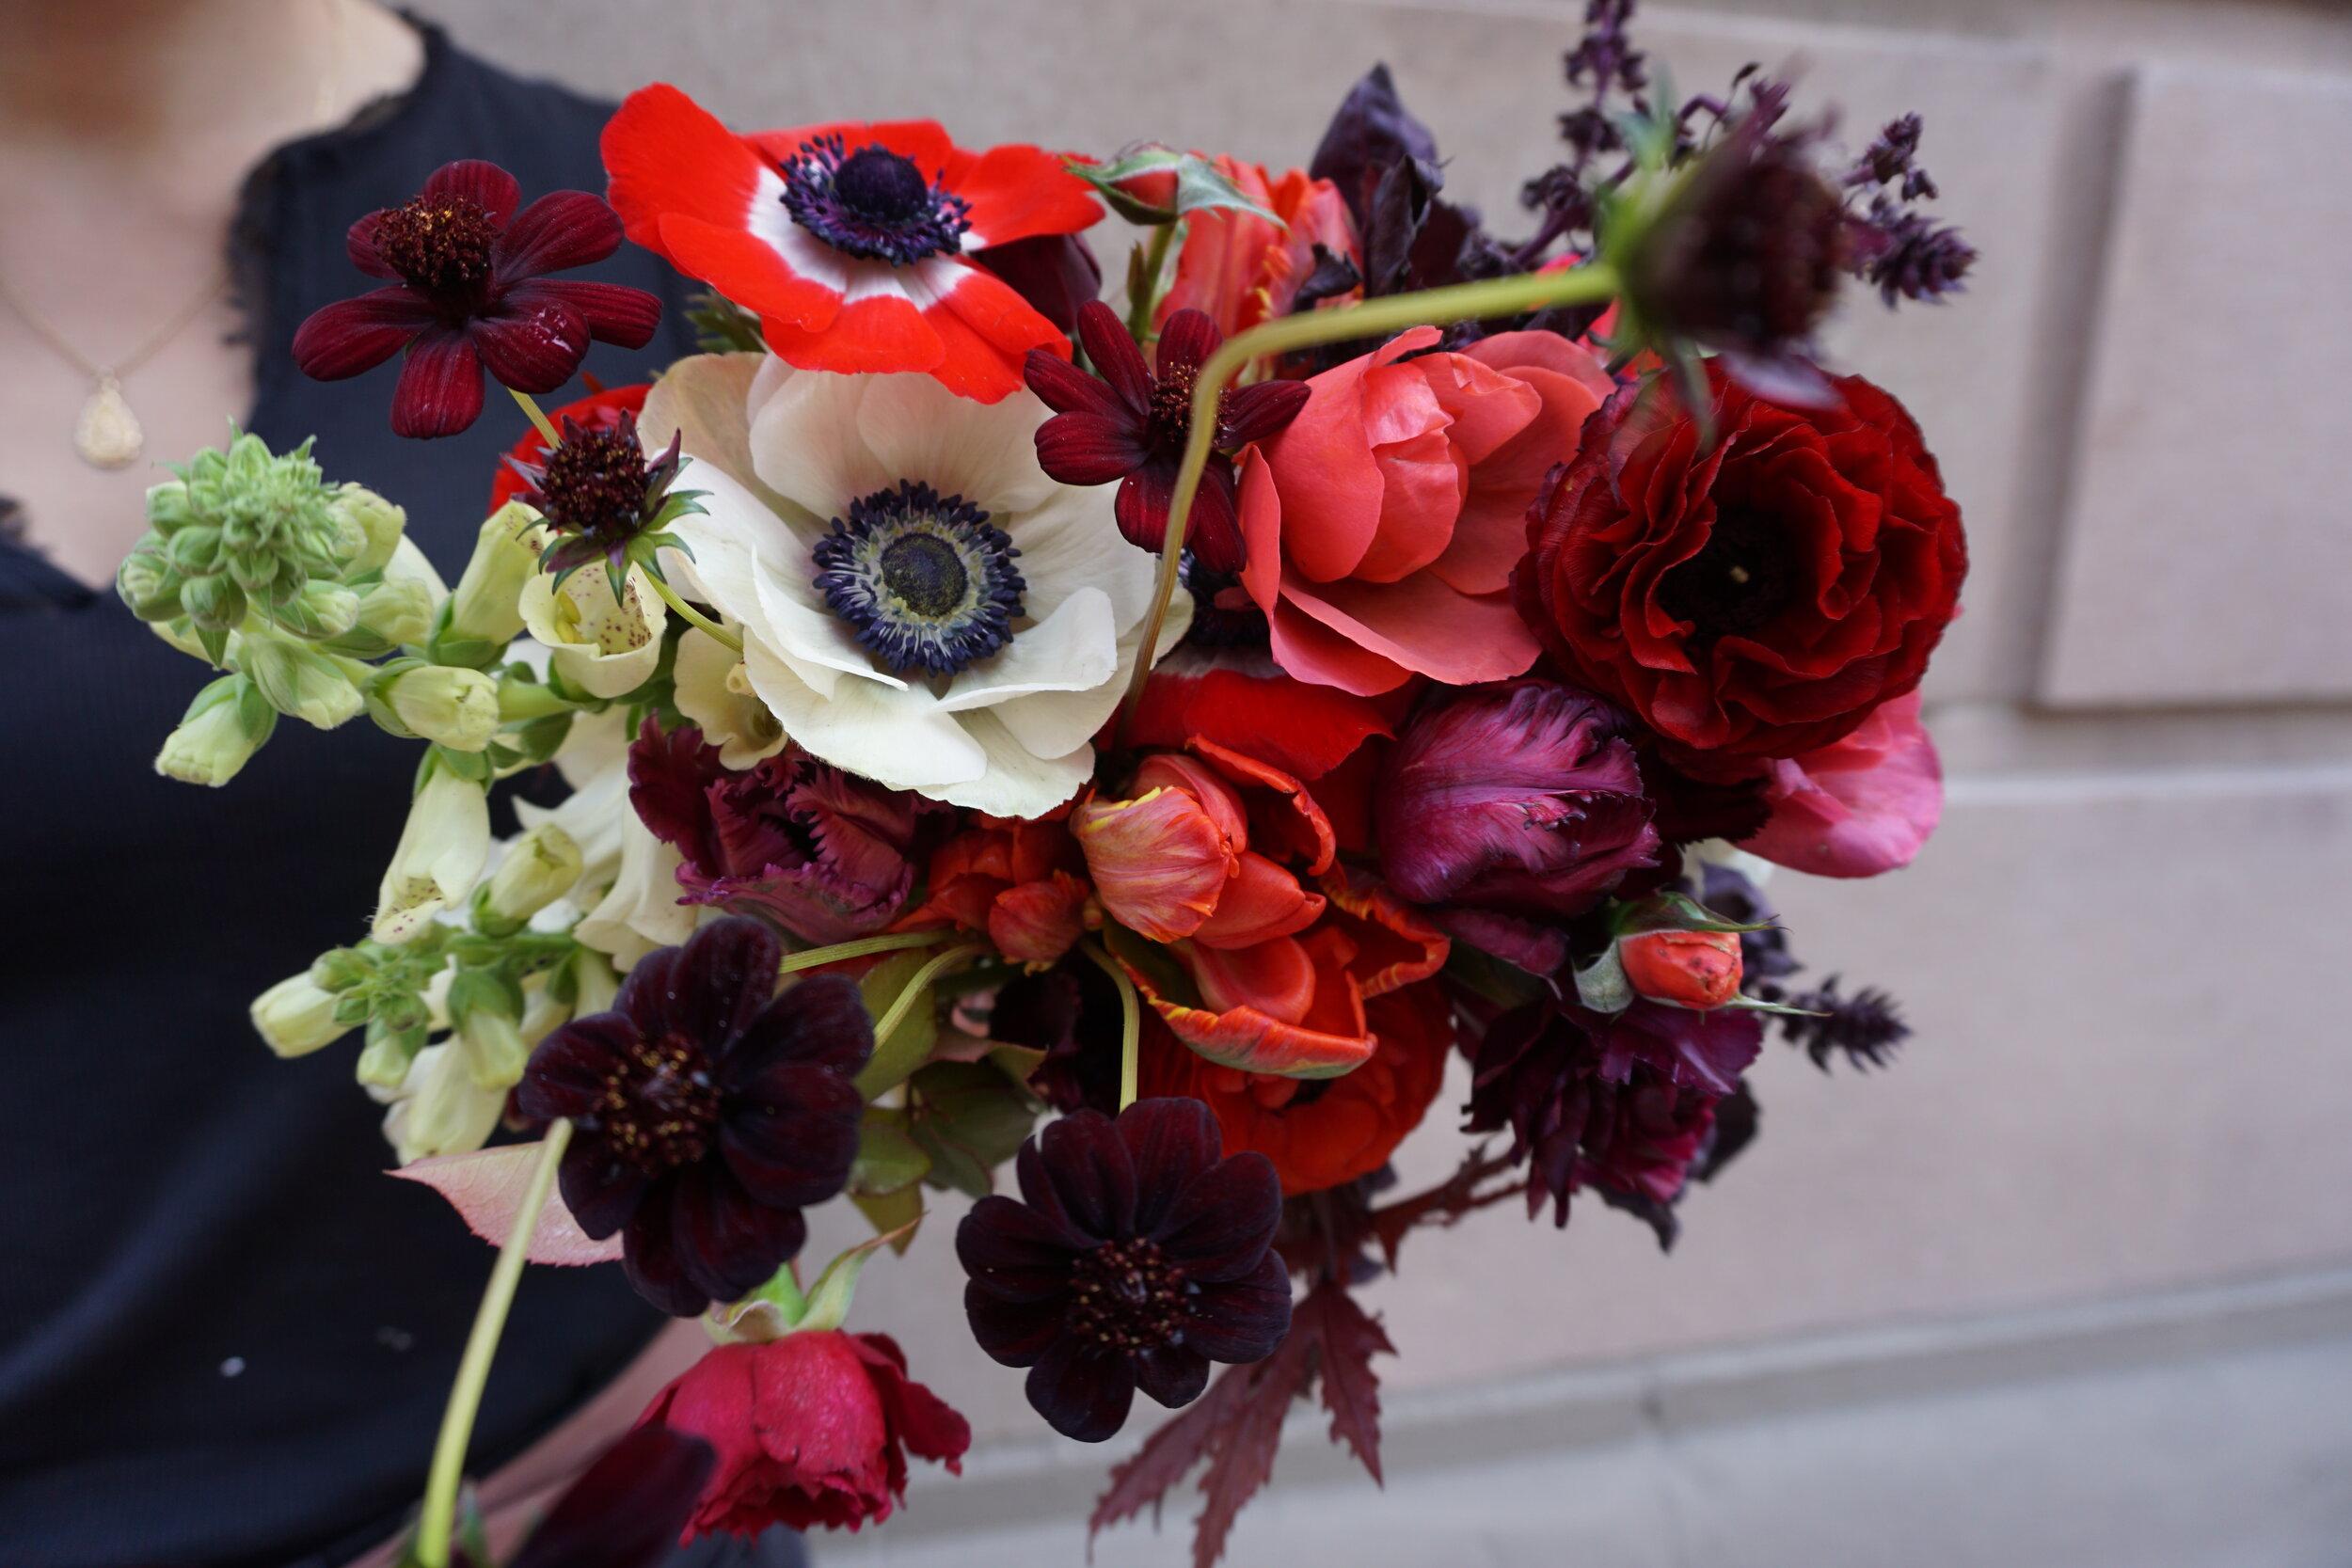 Botanicamuse by Madeleine Shelton San Diego Wedding event designer florist  Dutch Masters P Salter Farms Wayward Daisy The Guild dark rich bouquet